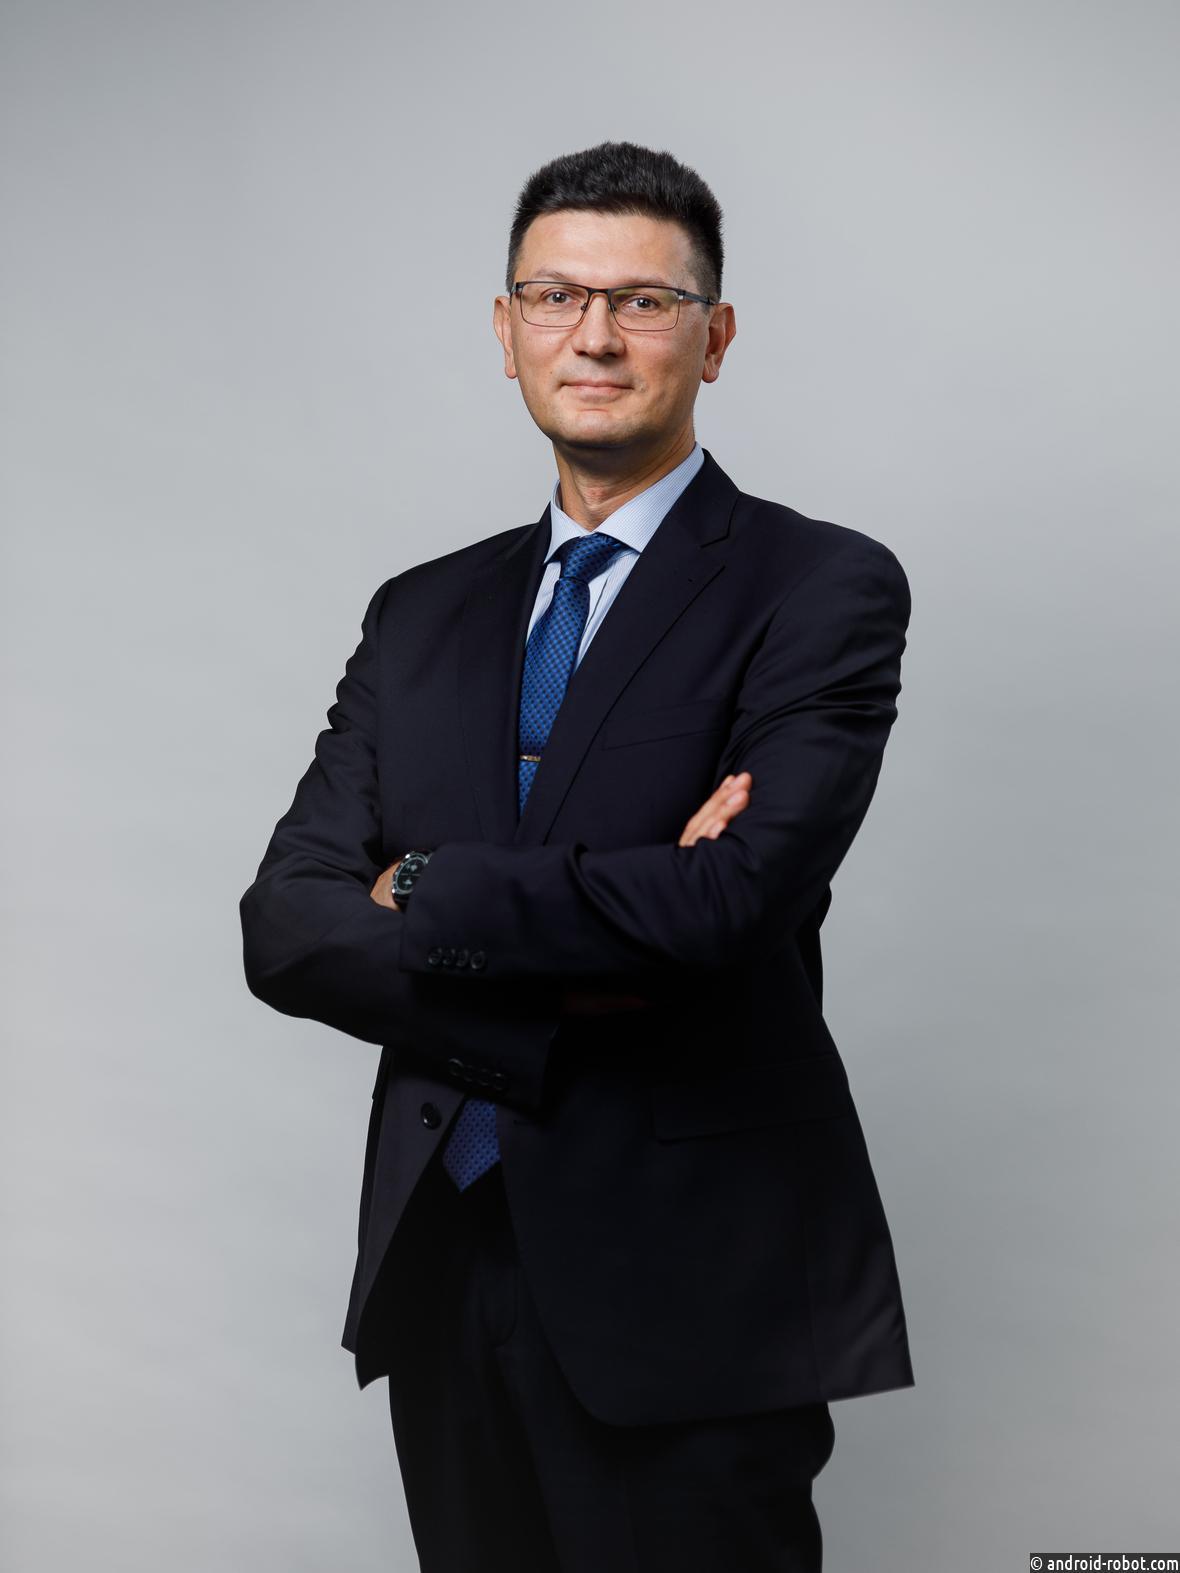 Эксперт: «Российские технологии «умного города» способны сэкономить до 40% от муниципального бюджета в течение 5 лет»